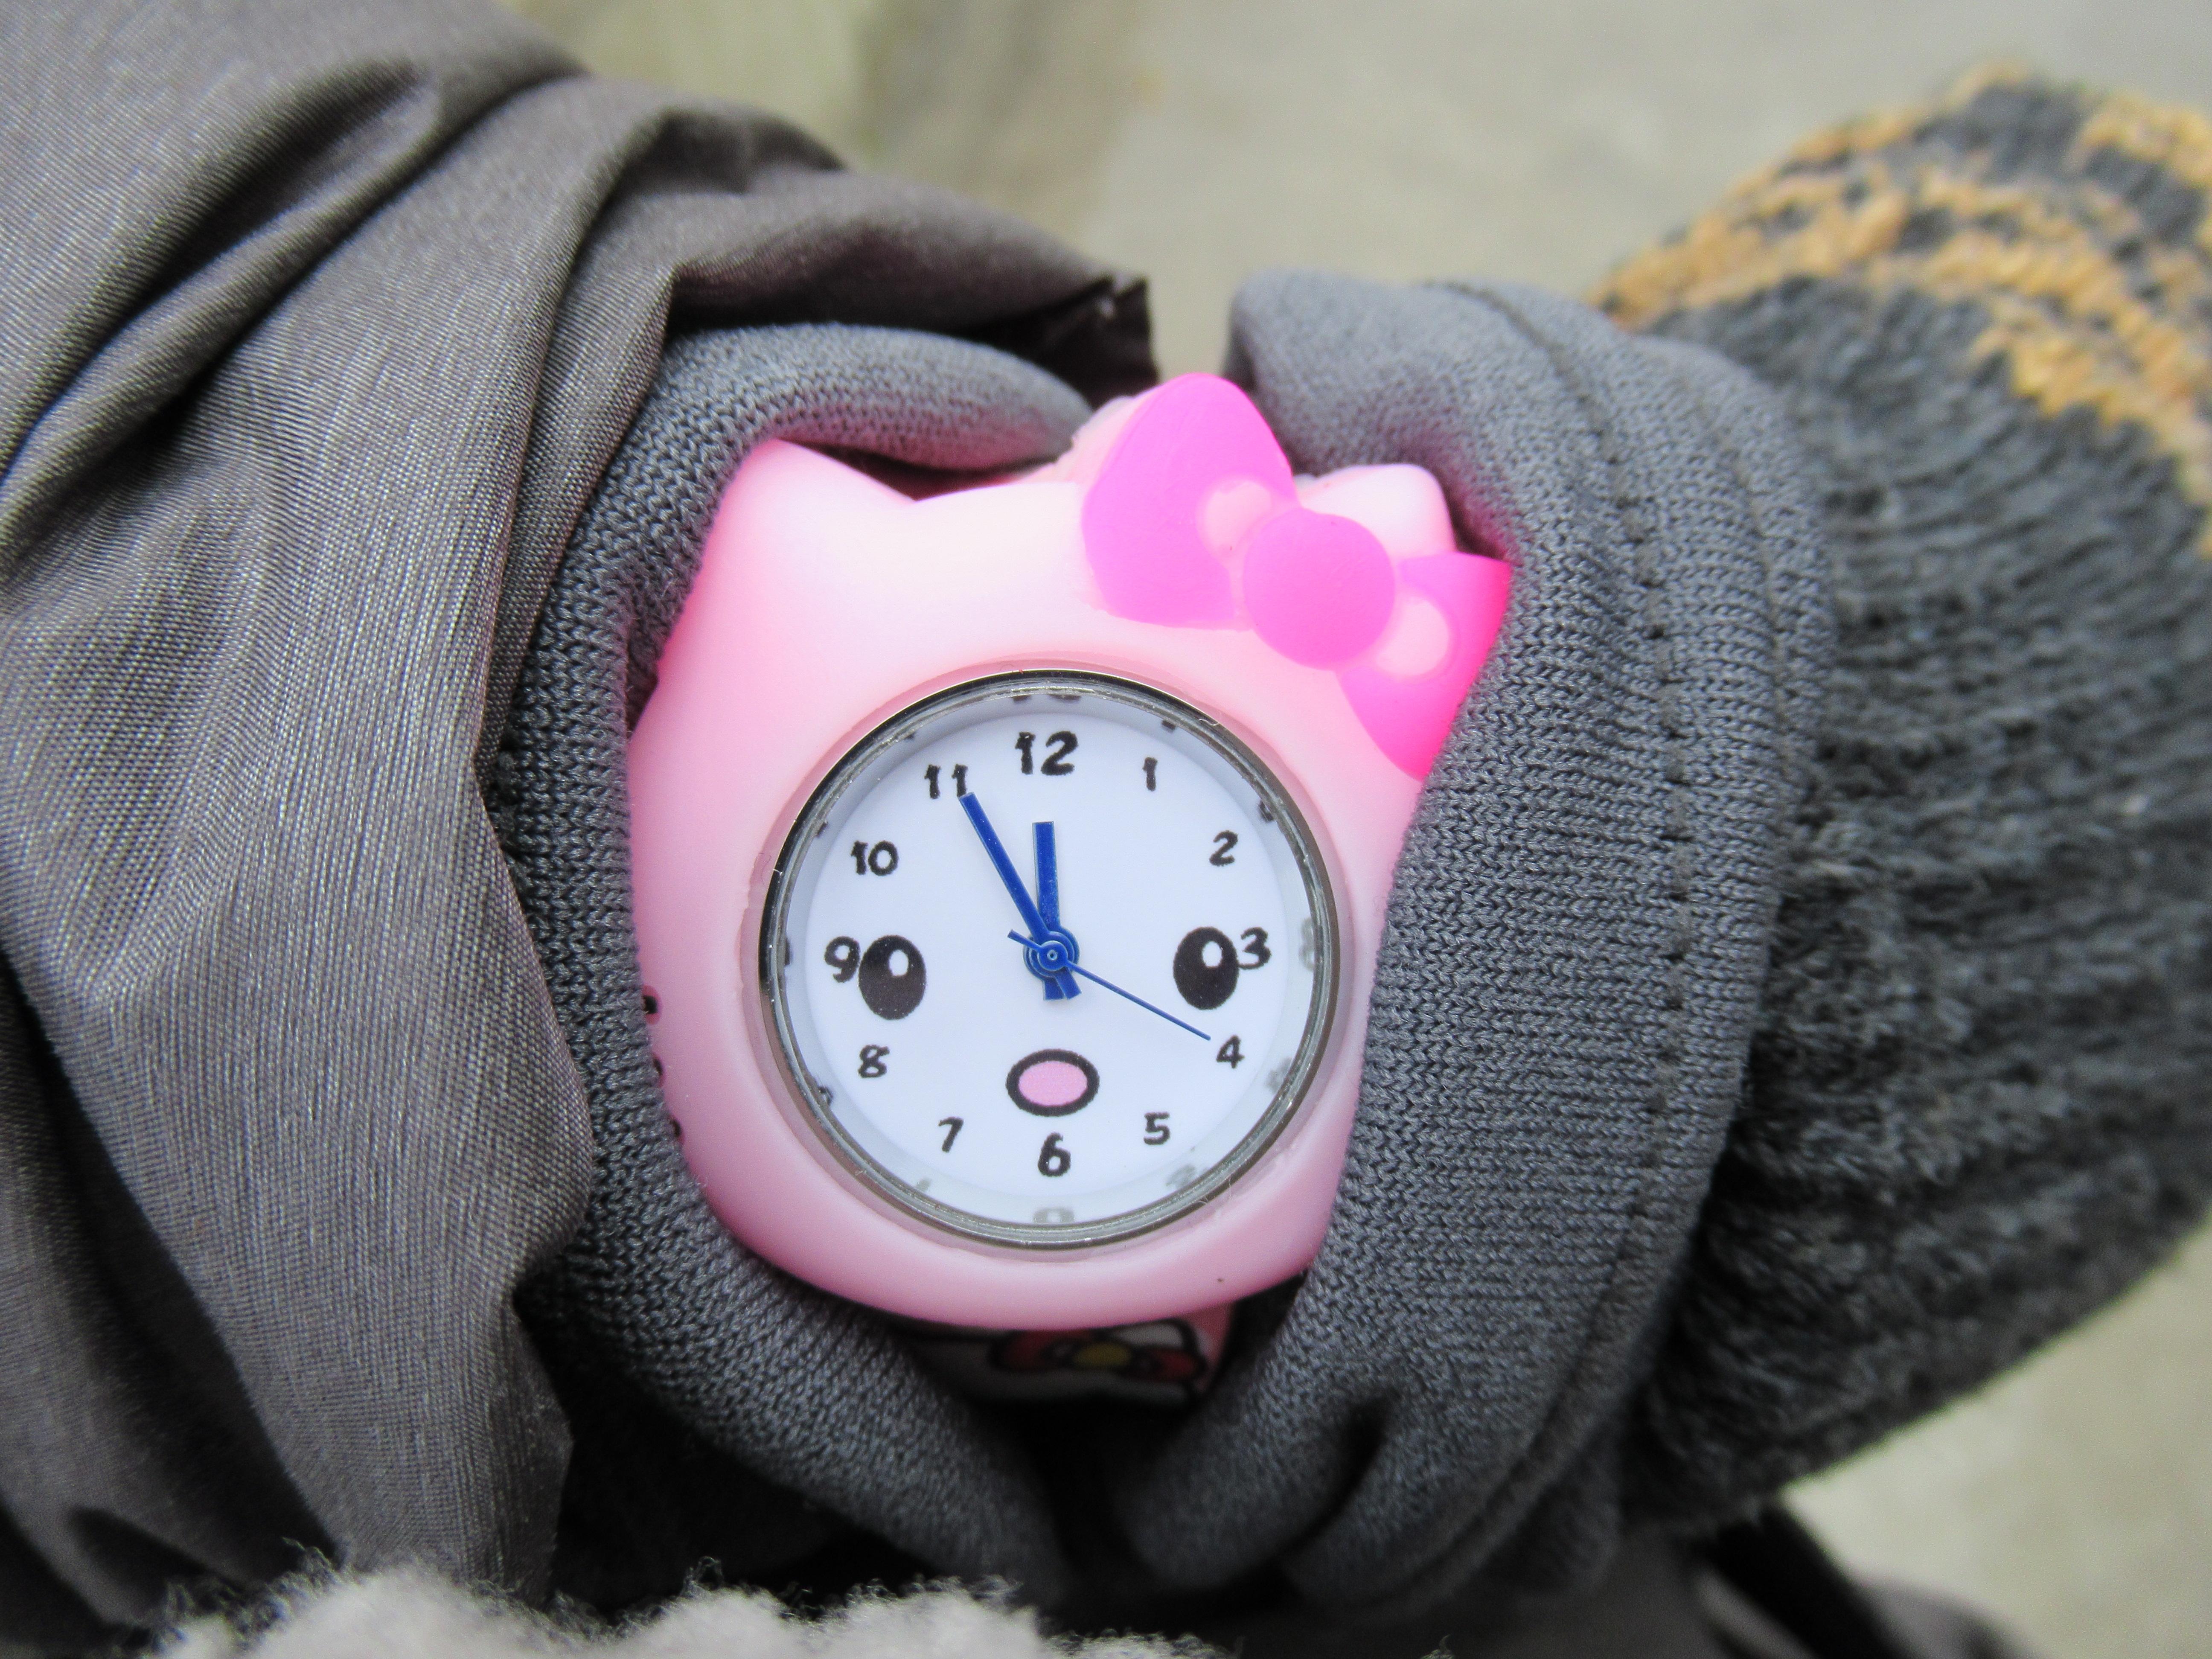 ソウルのロッテマートで購入!子どもに便利なオススメ腕時計|韓国ブログ旅